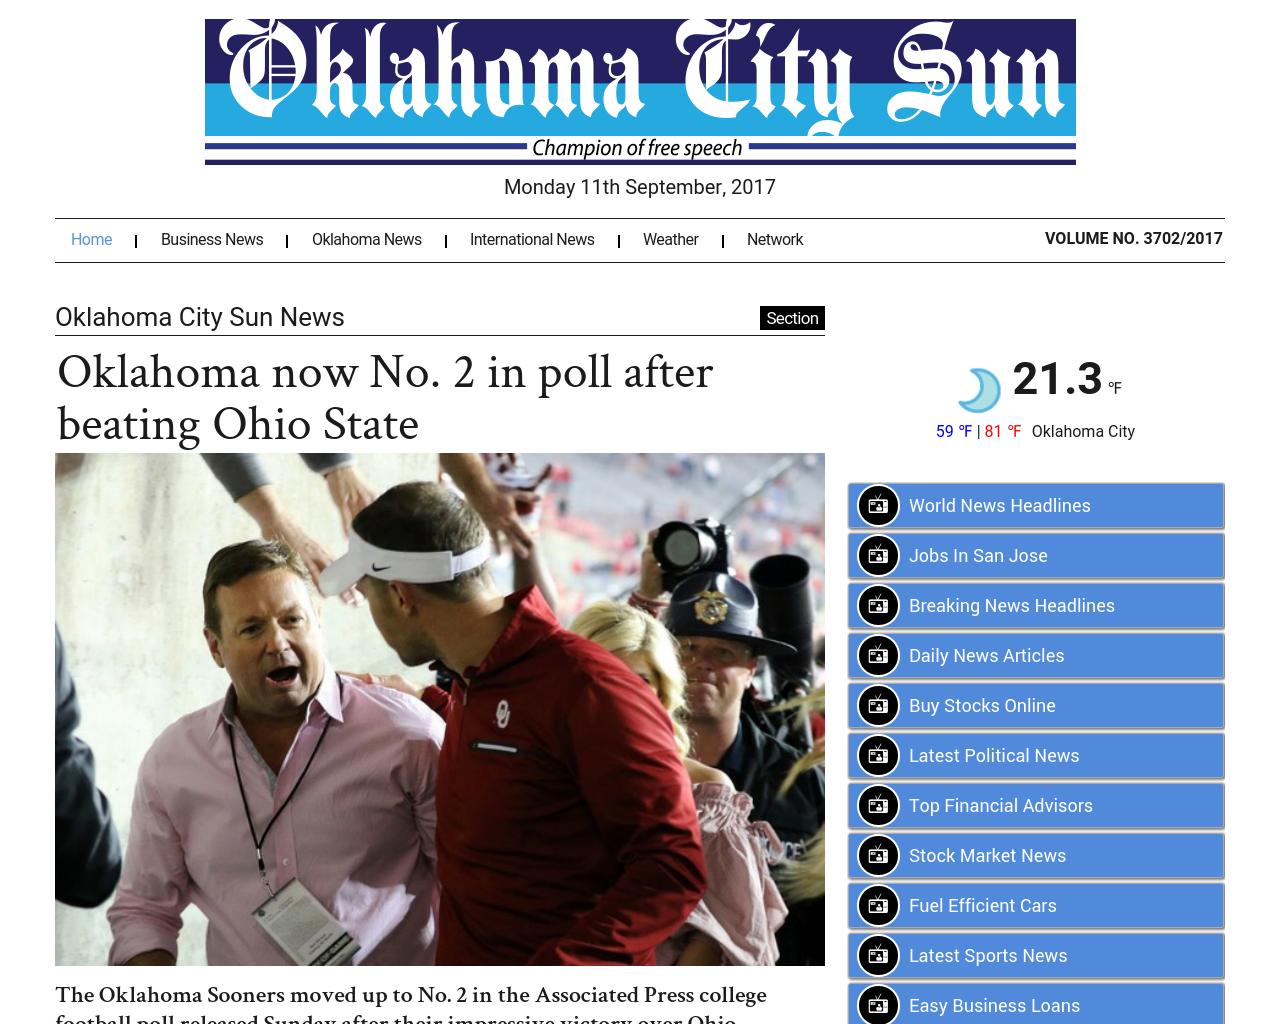 Oklahoma-City-Sun-Advertising-Reviews-Pricing